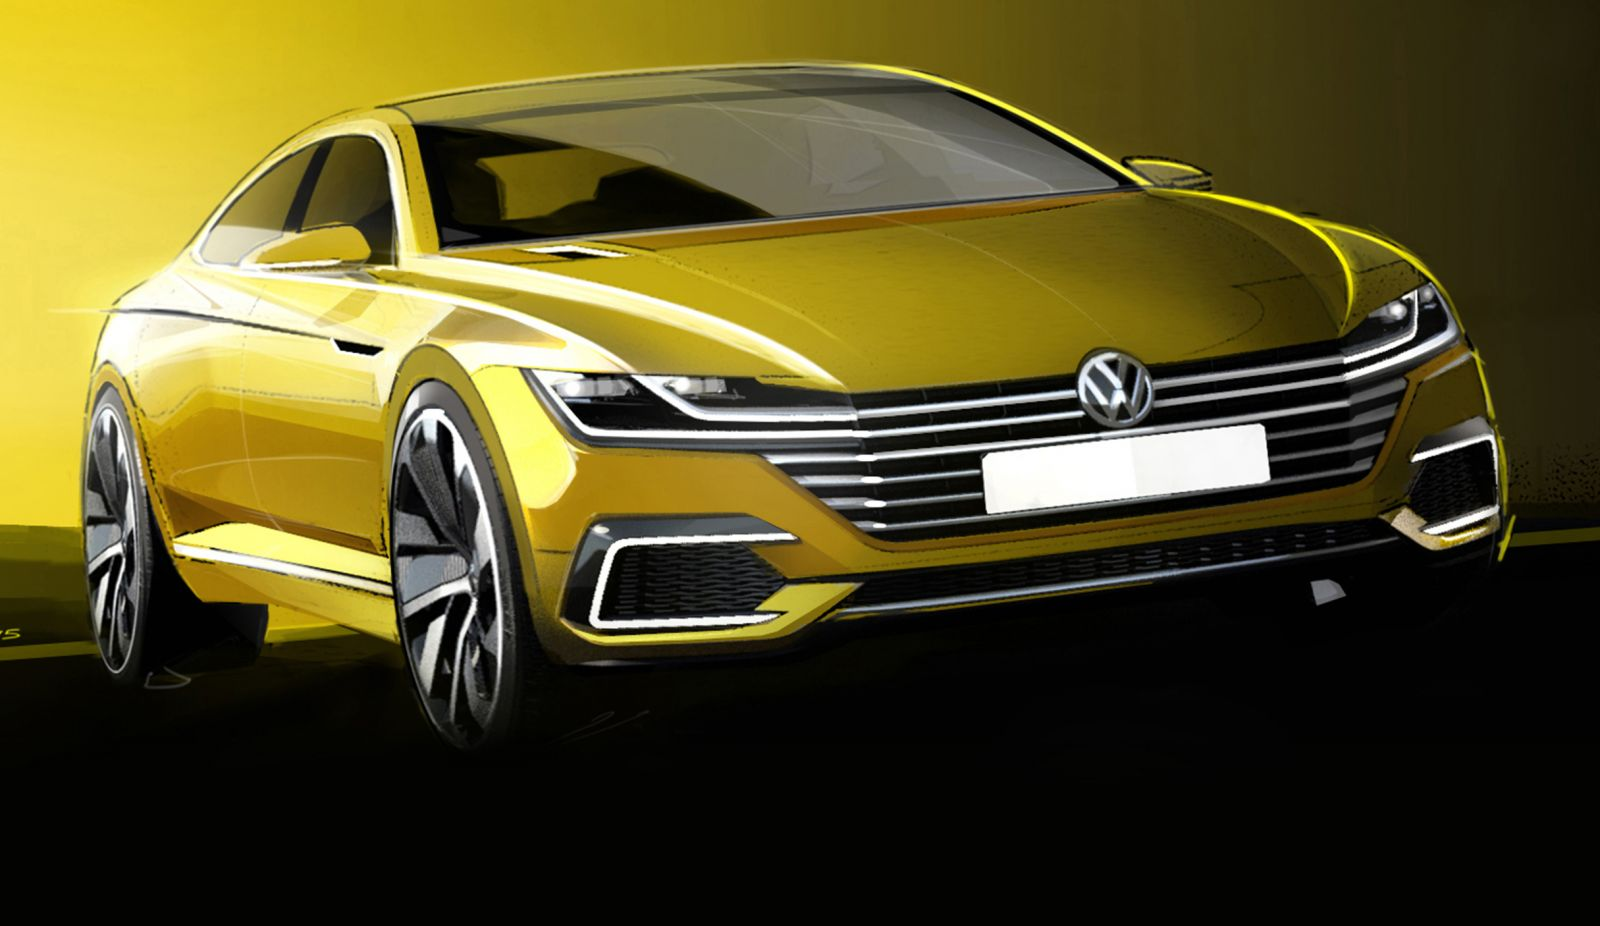 Volkswagen's New CC Four-door Coupe To Be Previewed In Geneva